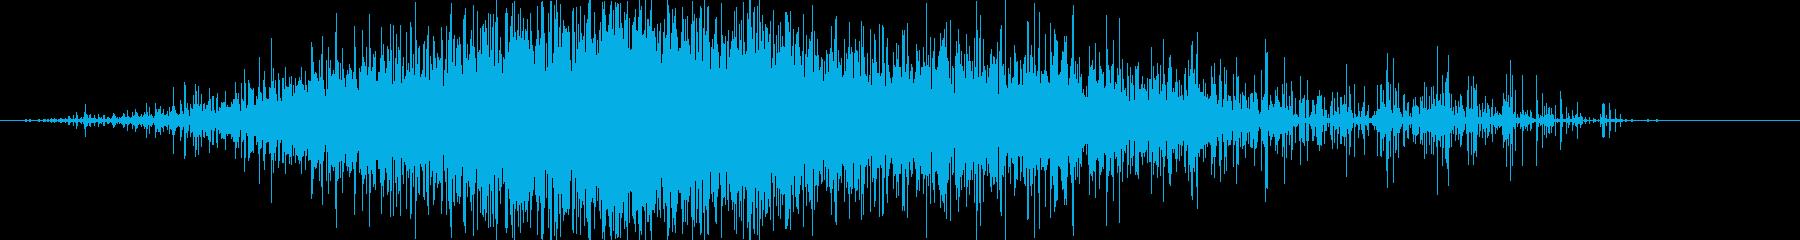 ササー(レインスティック)Aの再生済みの波形